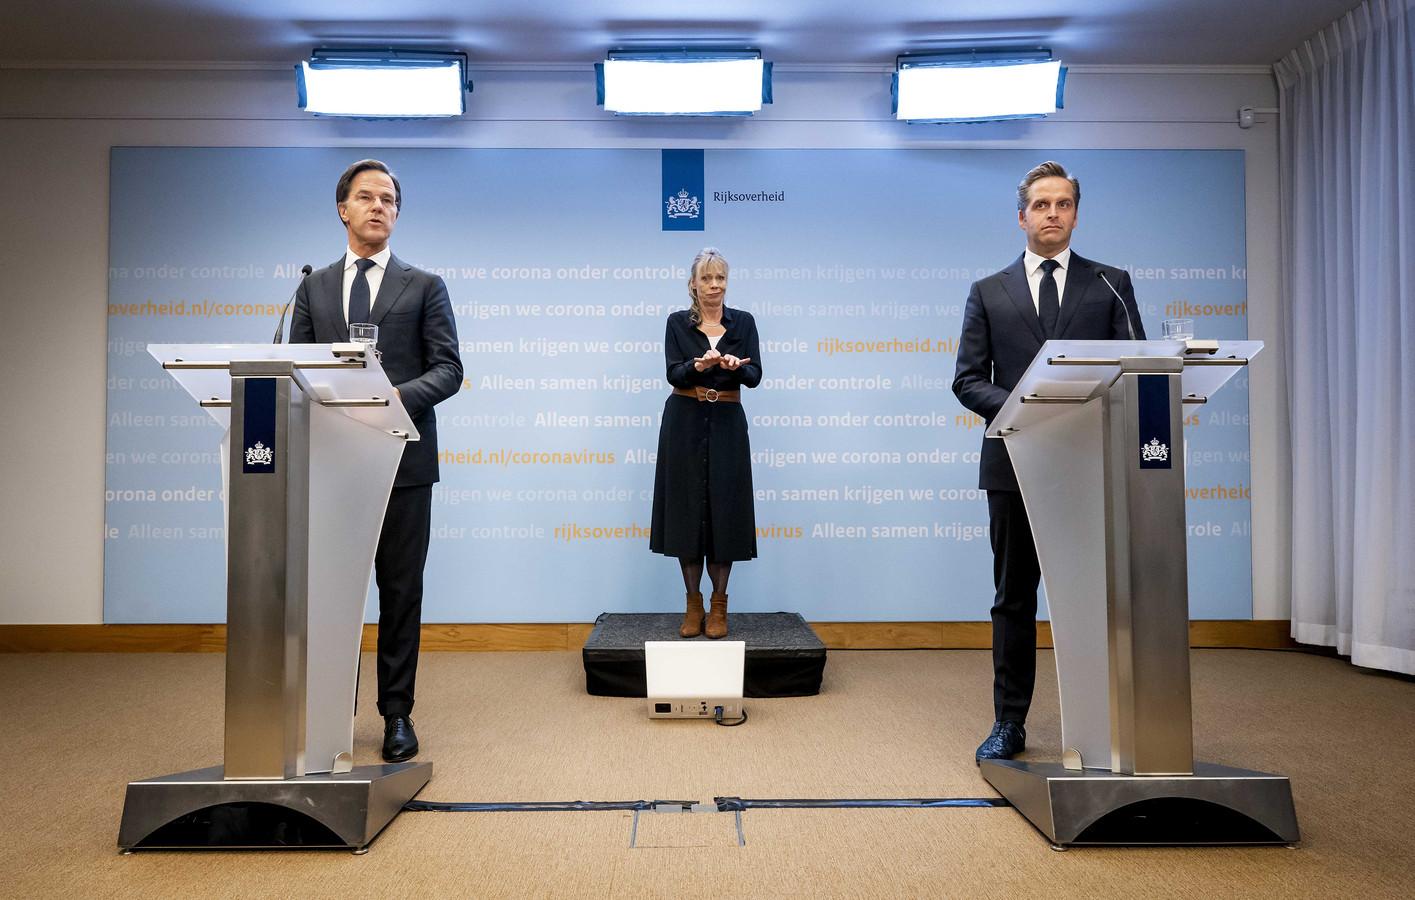 Premier Mark Rutte en minister Hugo de Jonge (Volksgezondheid, Welzijn en Sport) tijdens een persconferentie over de de coronamaatregelen.